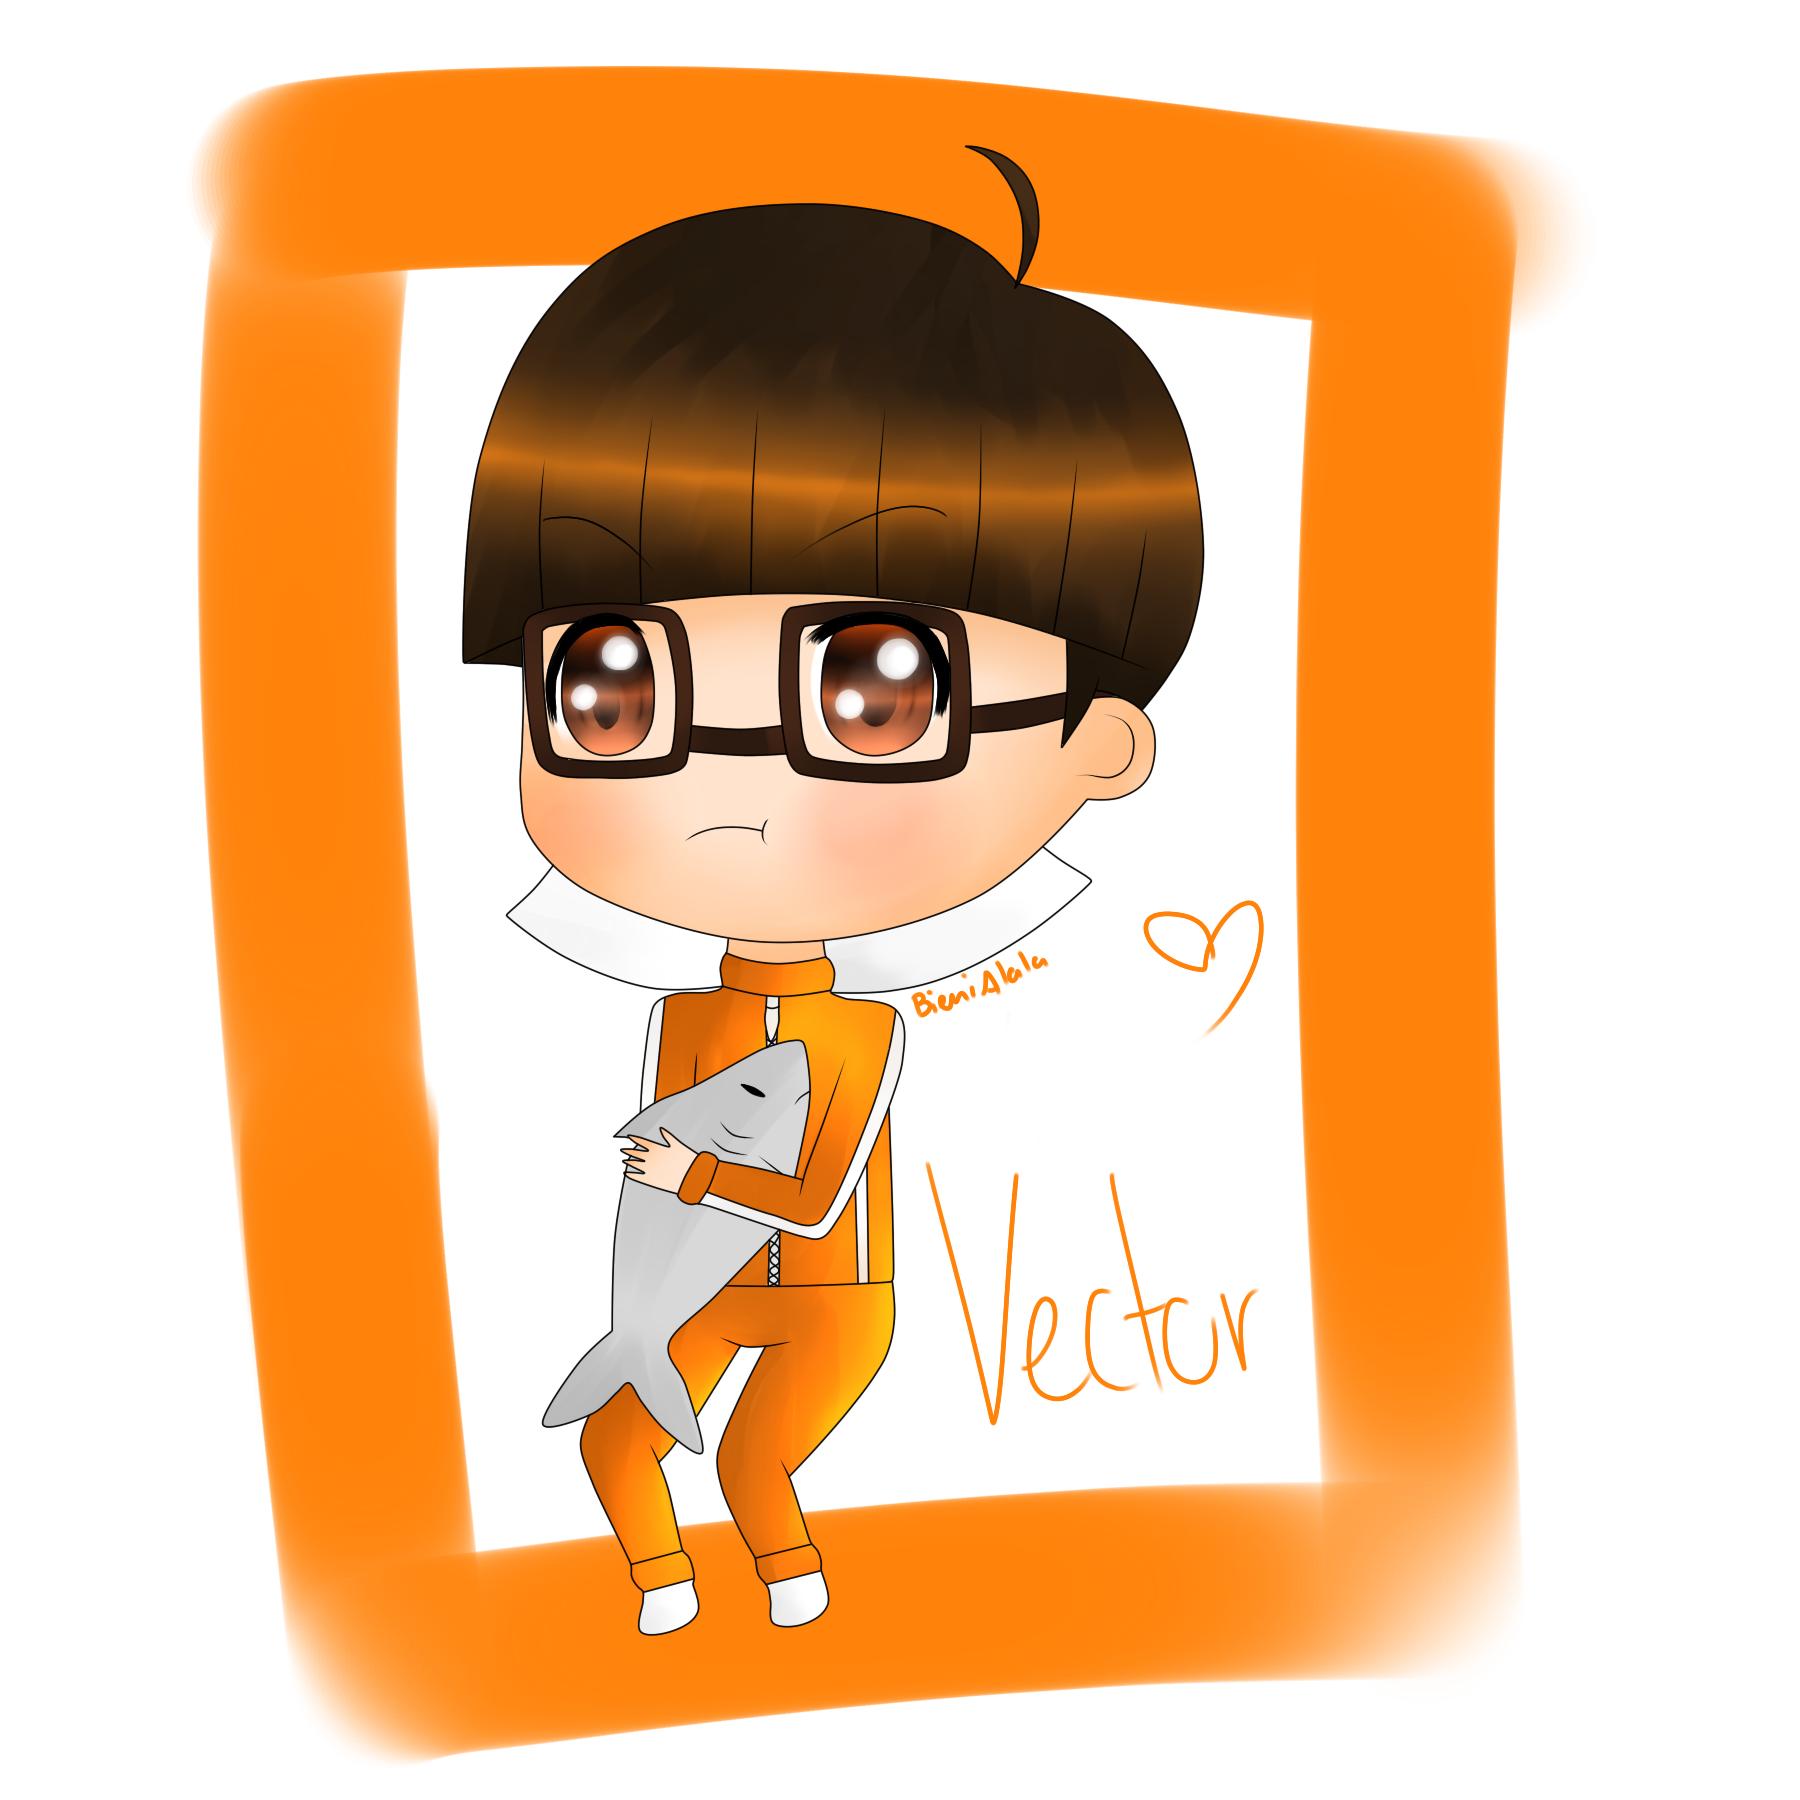 Despicable Me VectorDespicable Me Vector